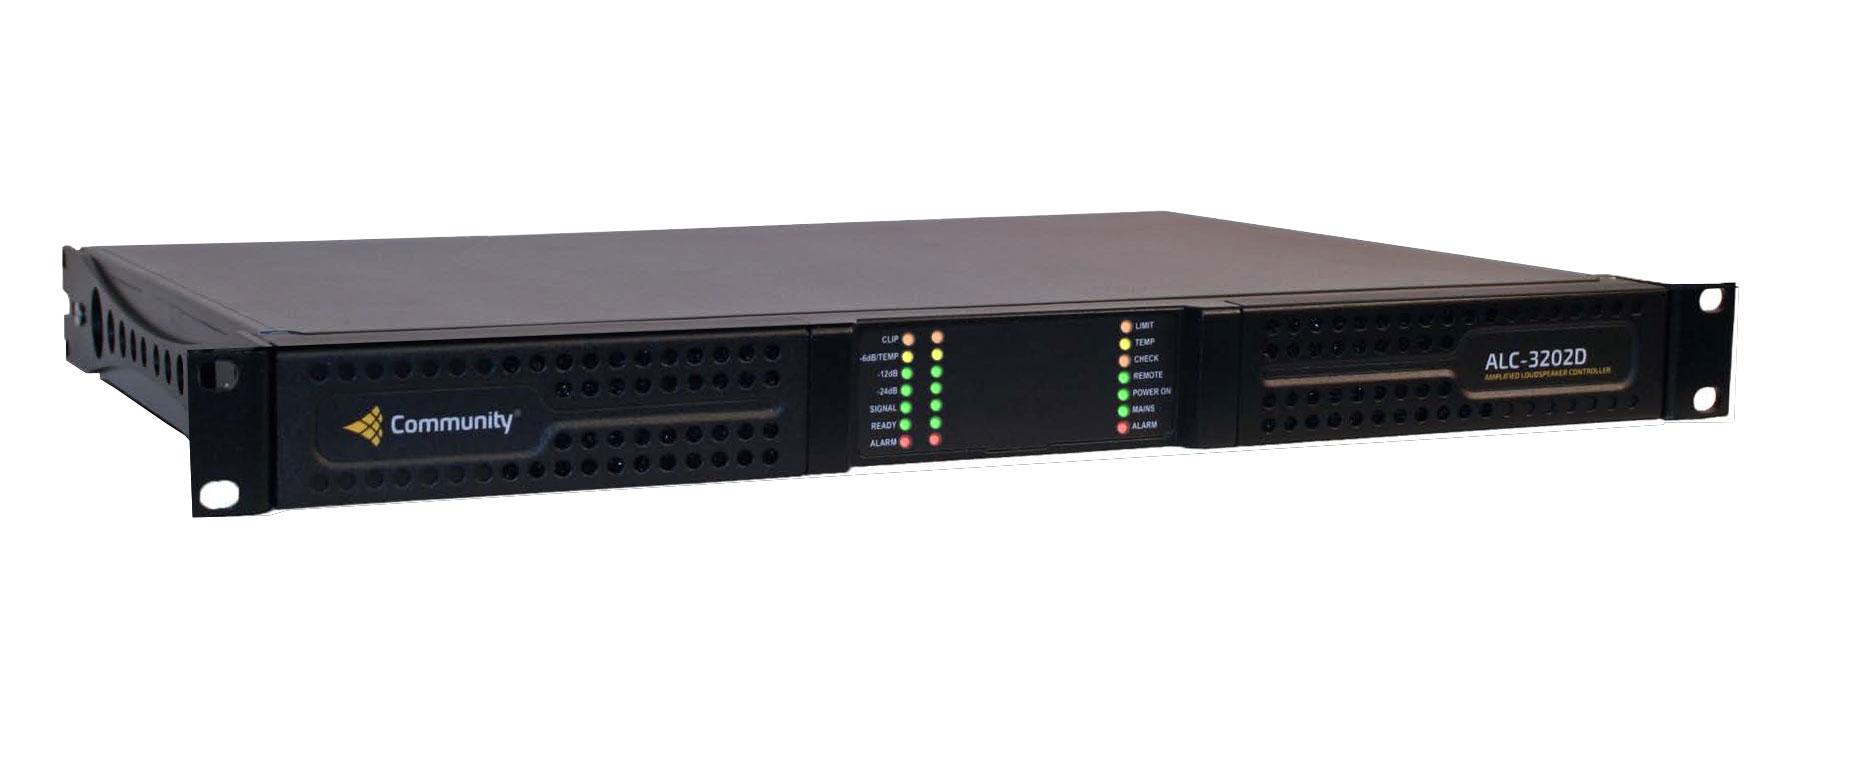 Community ALC-3202D